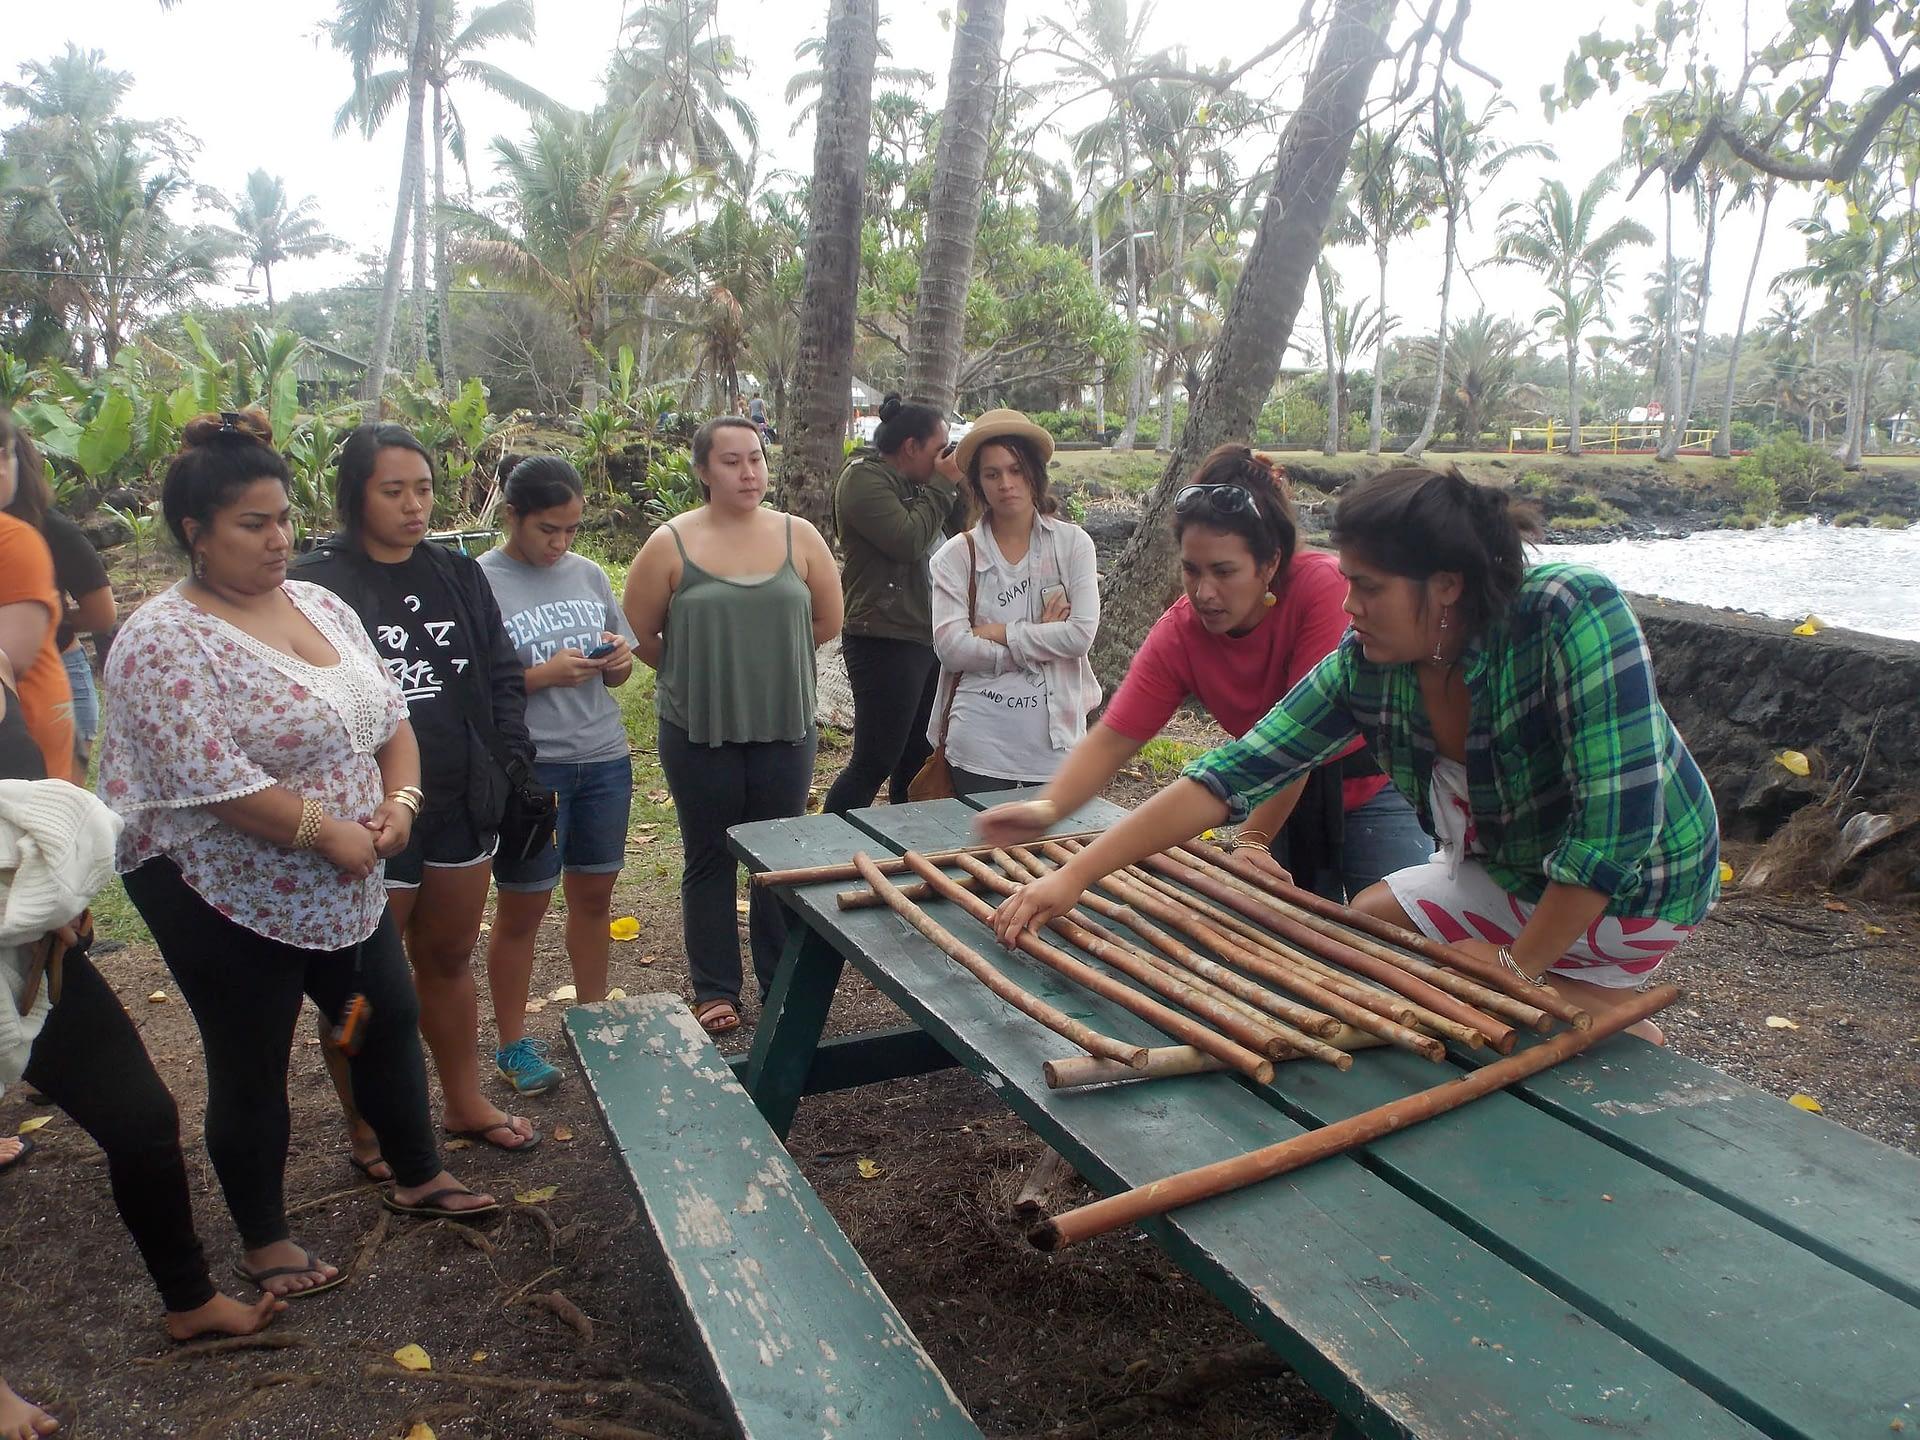 University of Hawai'i at Hilo 2015